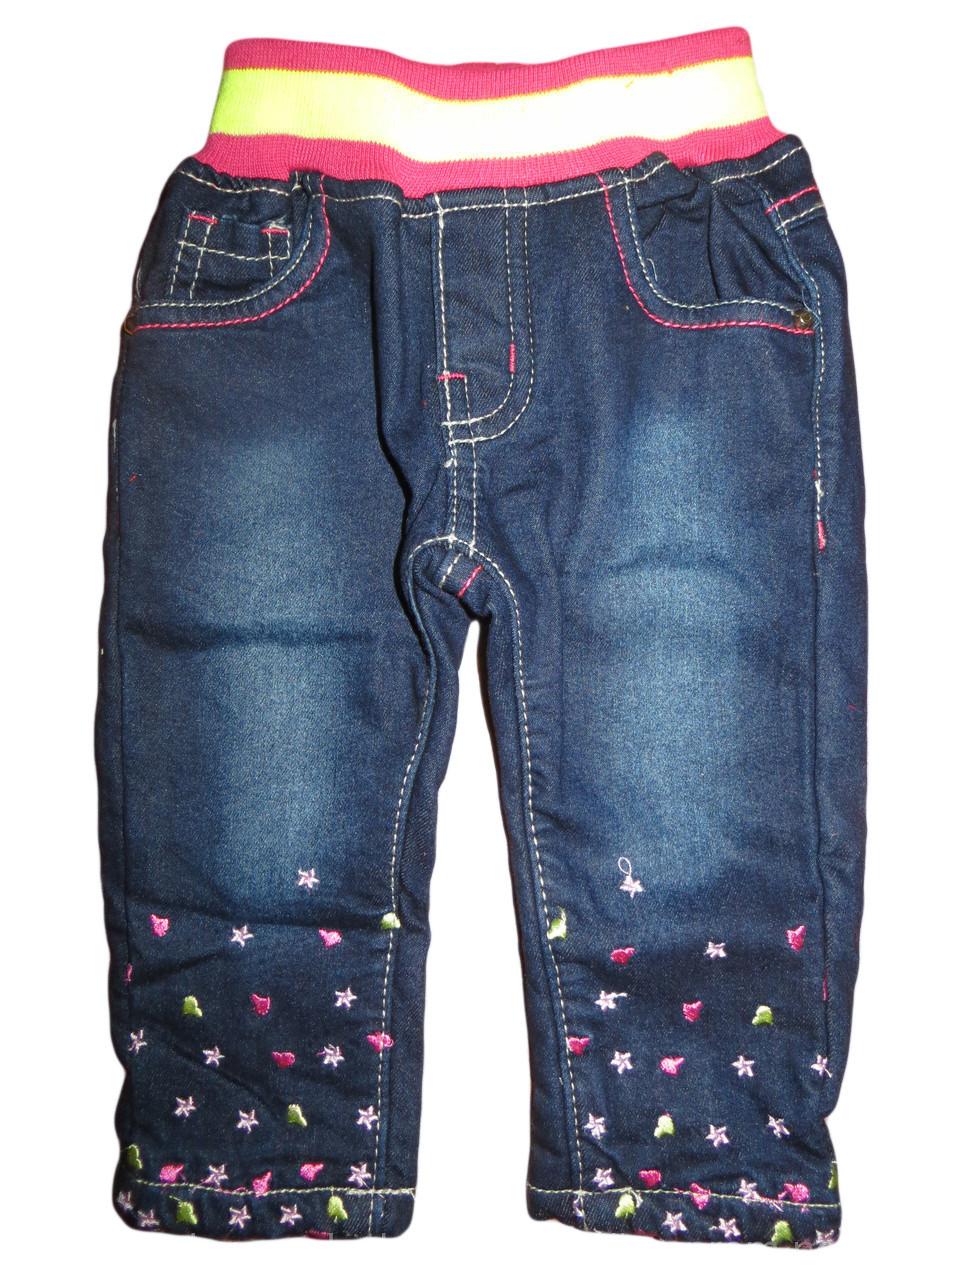 Утепленные джинсы для девочек, Sun Sea, размеры 86. арт.  1247